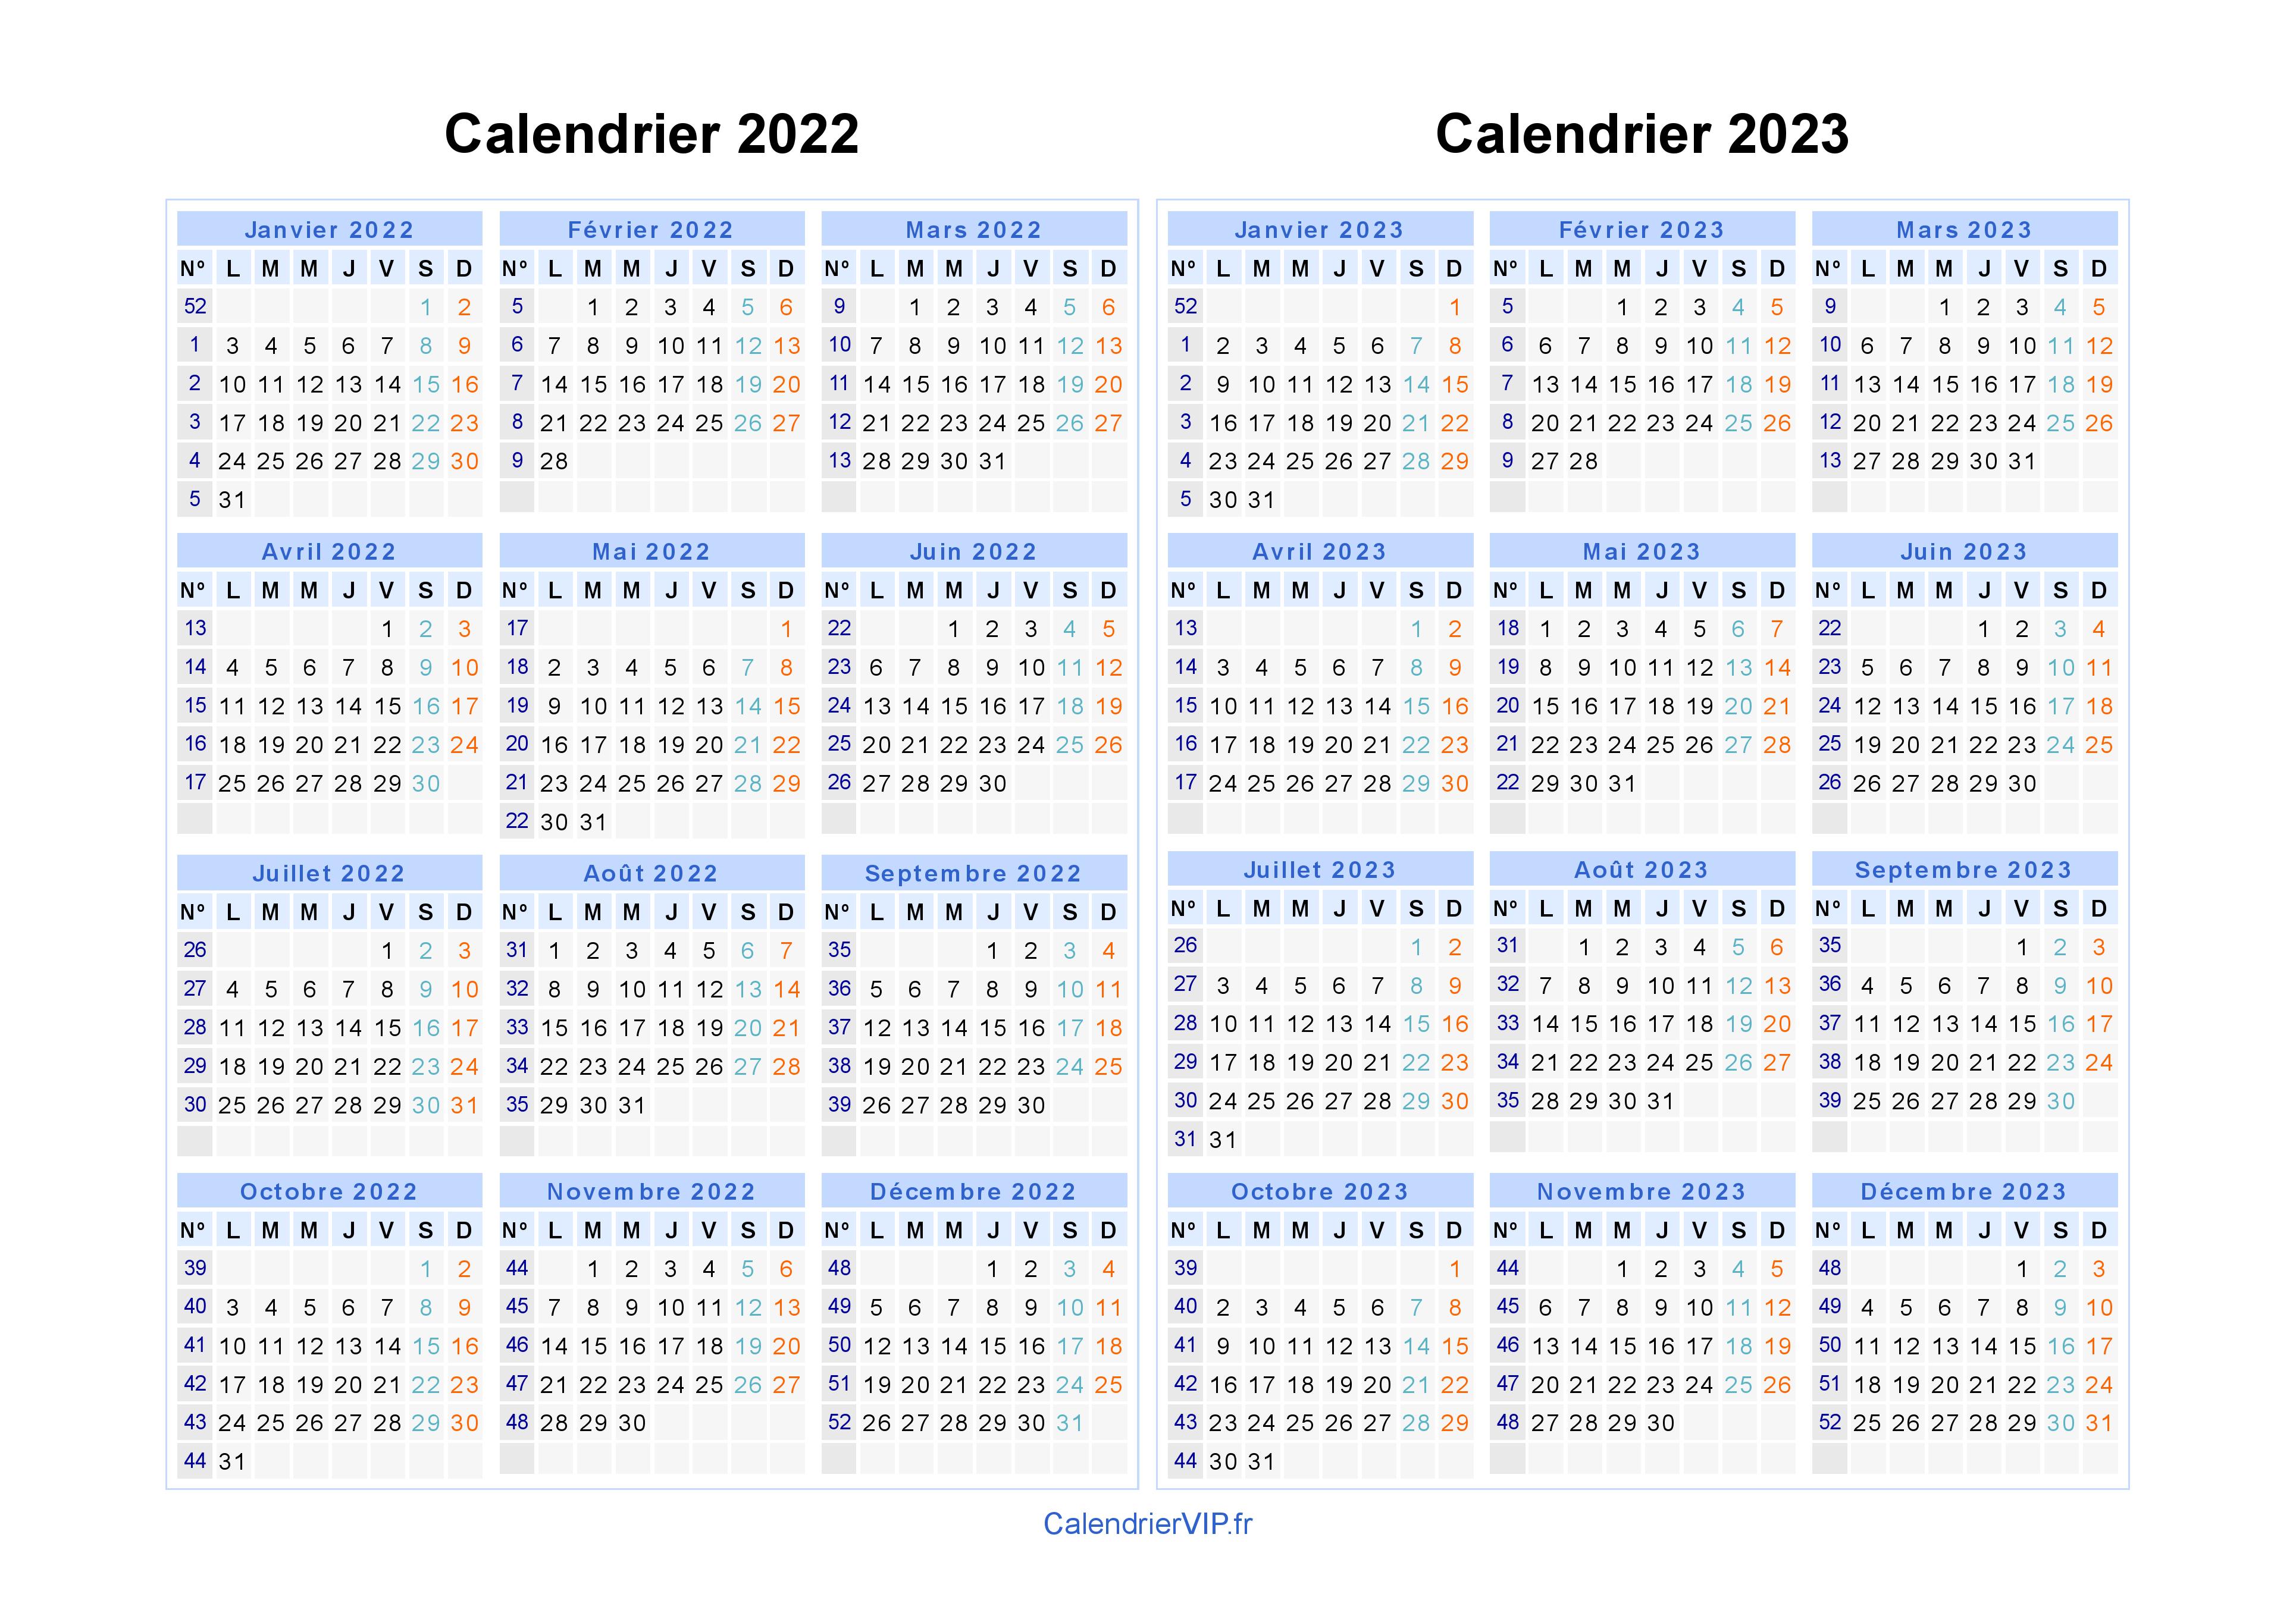 Calendrier Excel 2022 2023 Calendrier 2022 2023 à imprimer gratuit en PDF et Excel